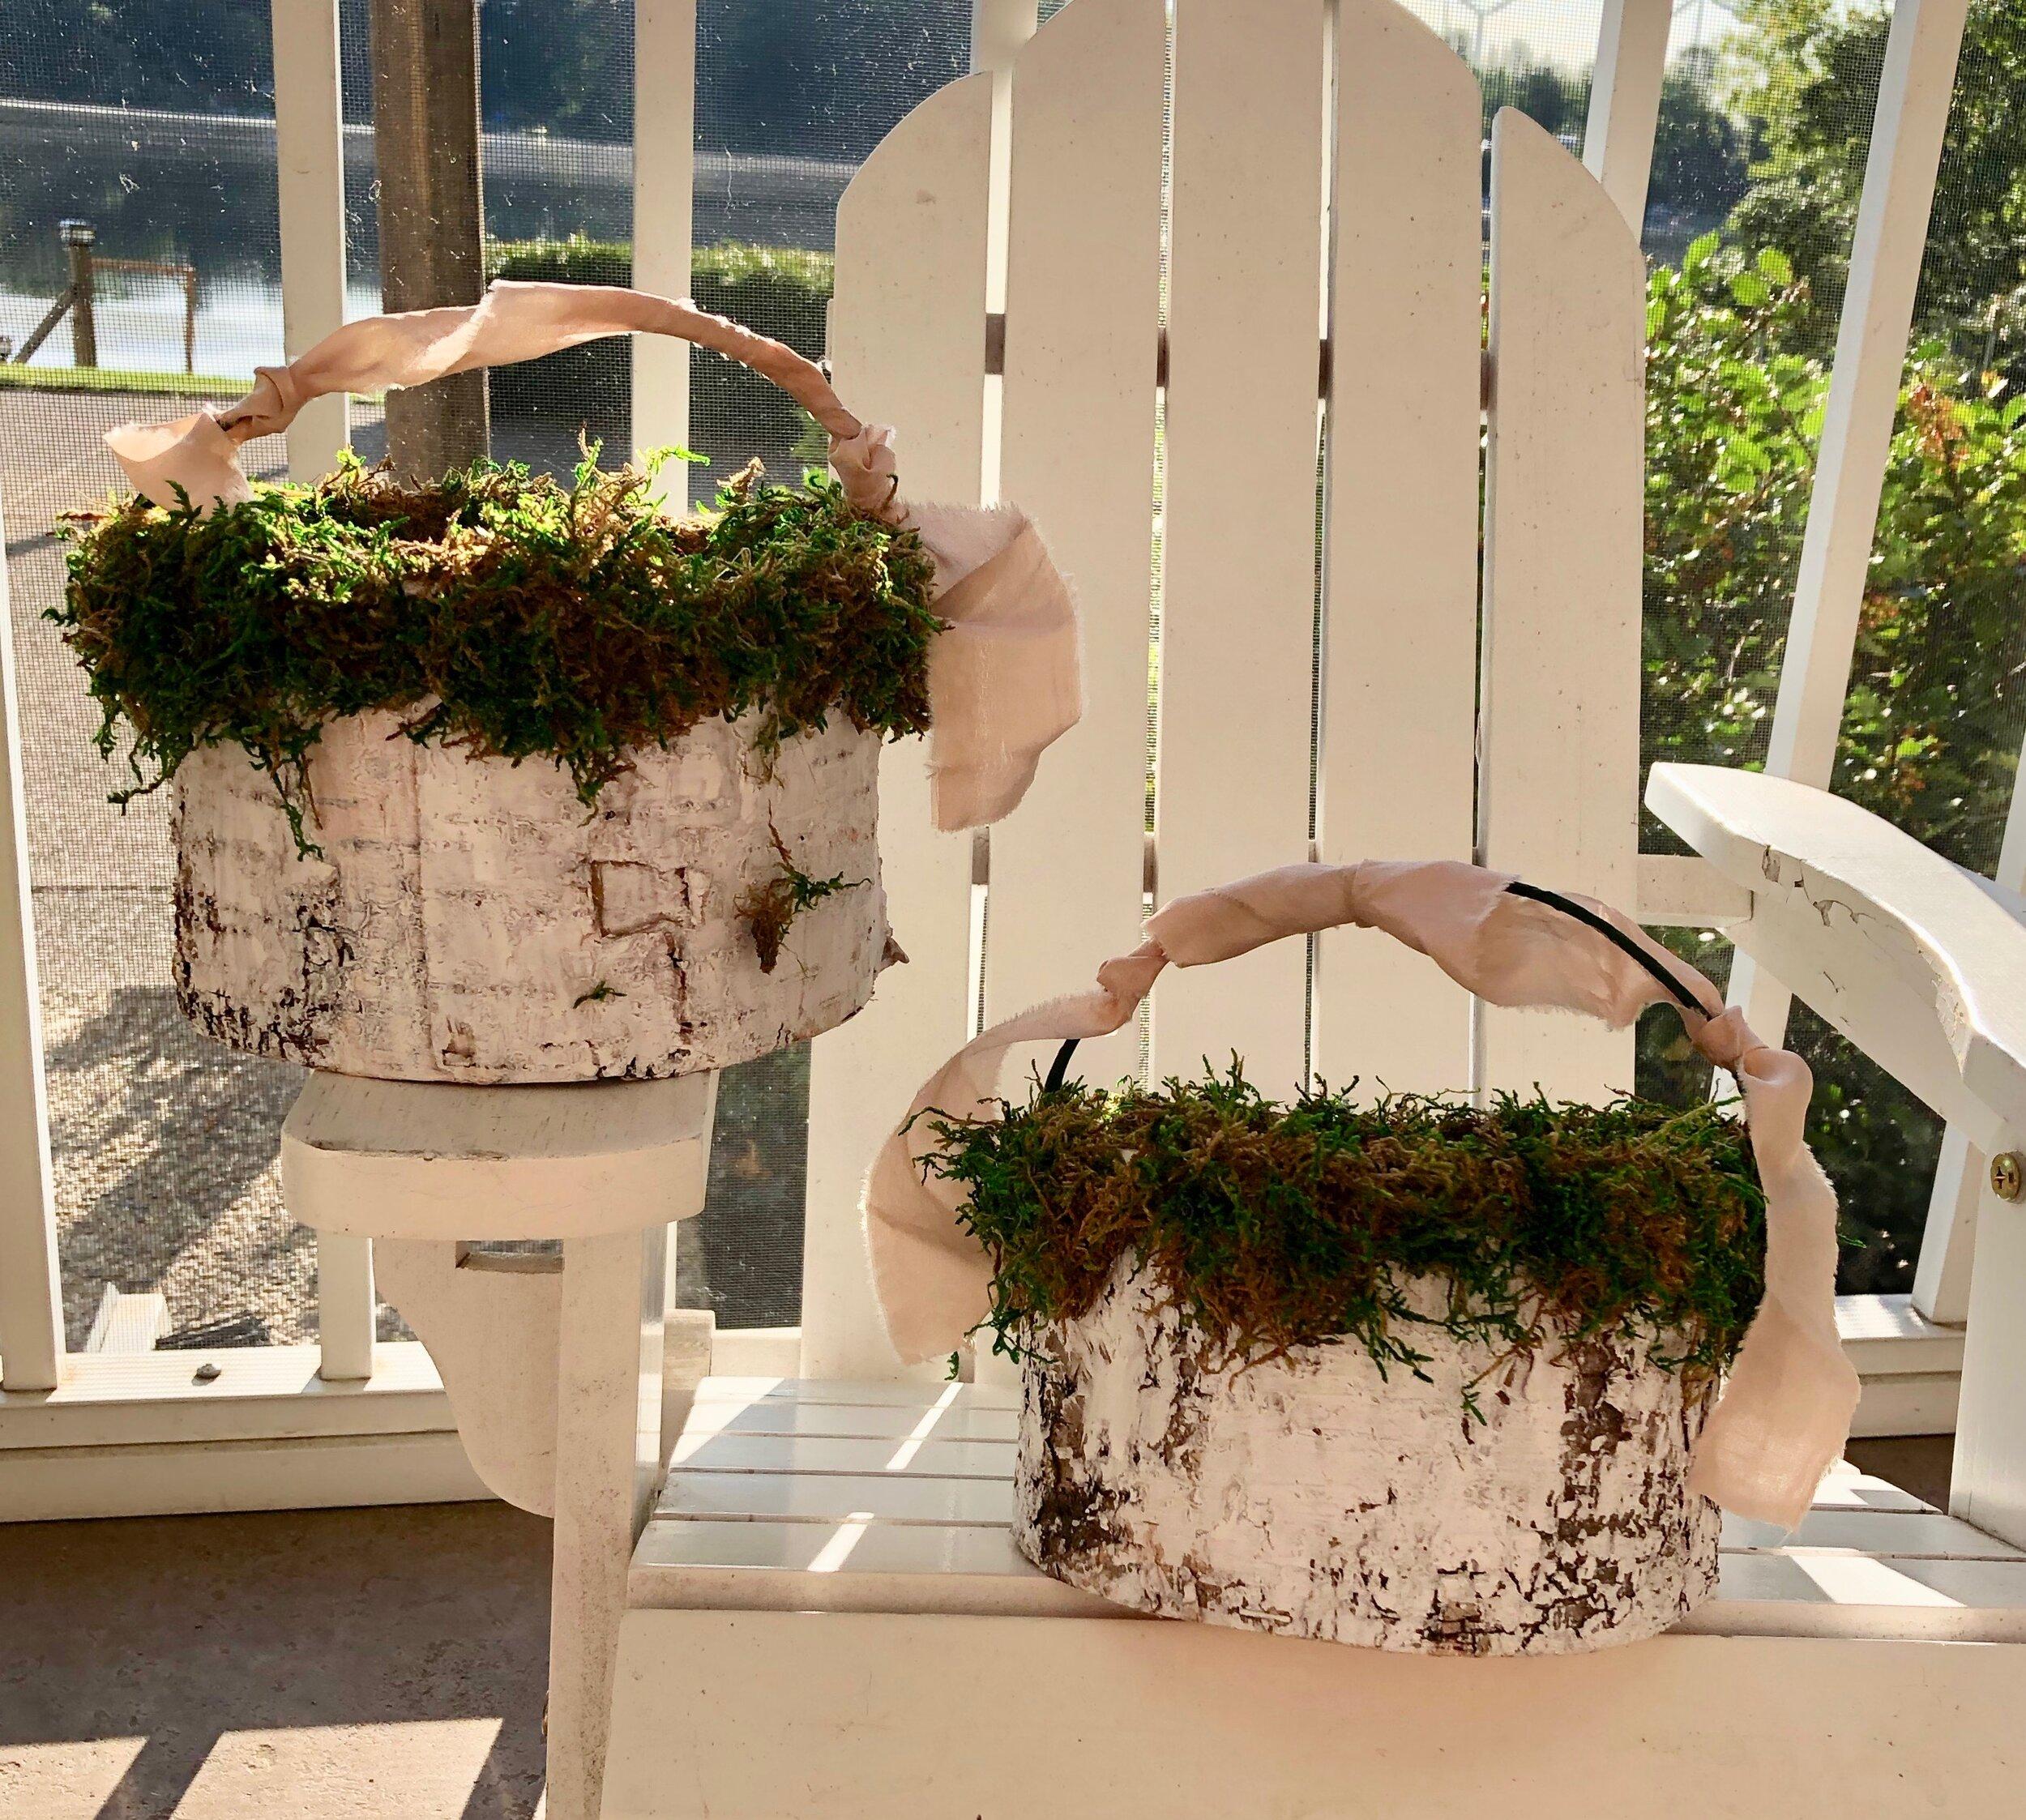 Basket for the flower petals